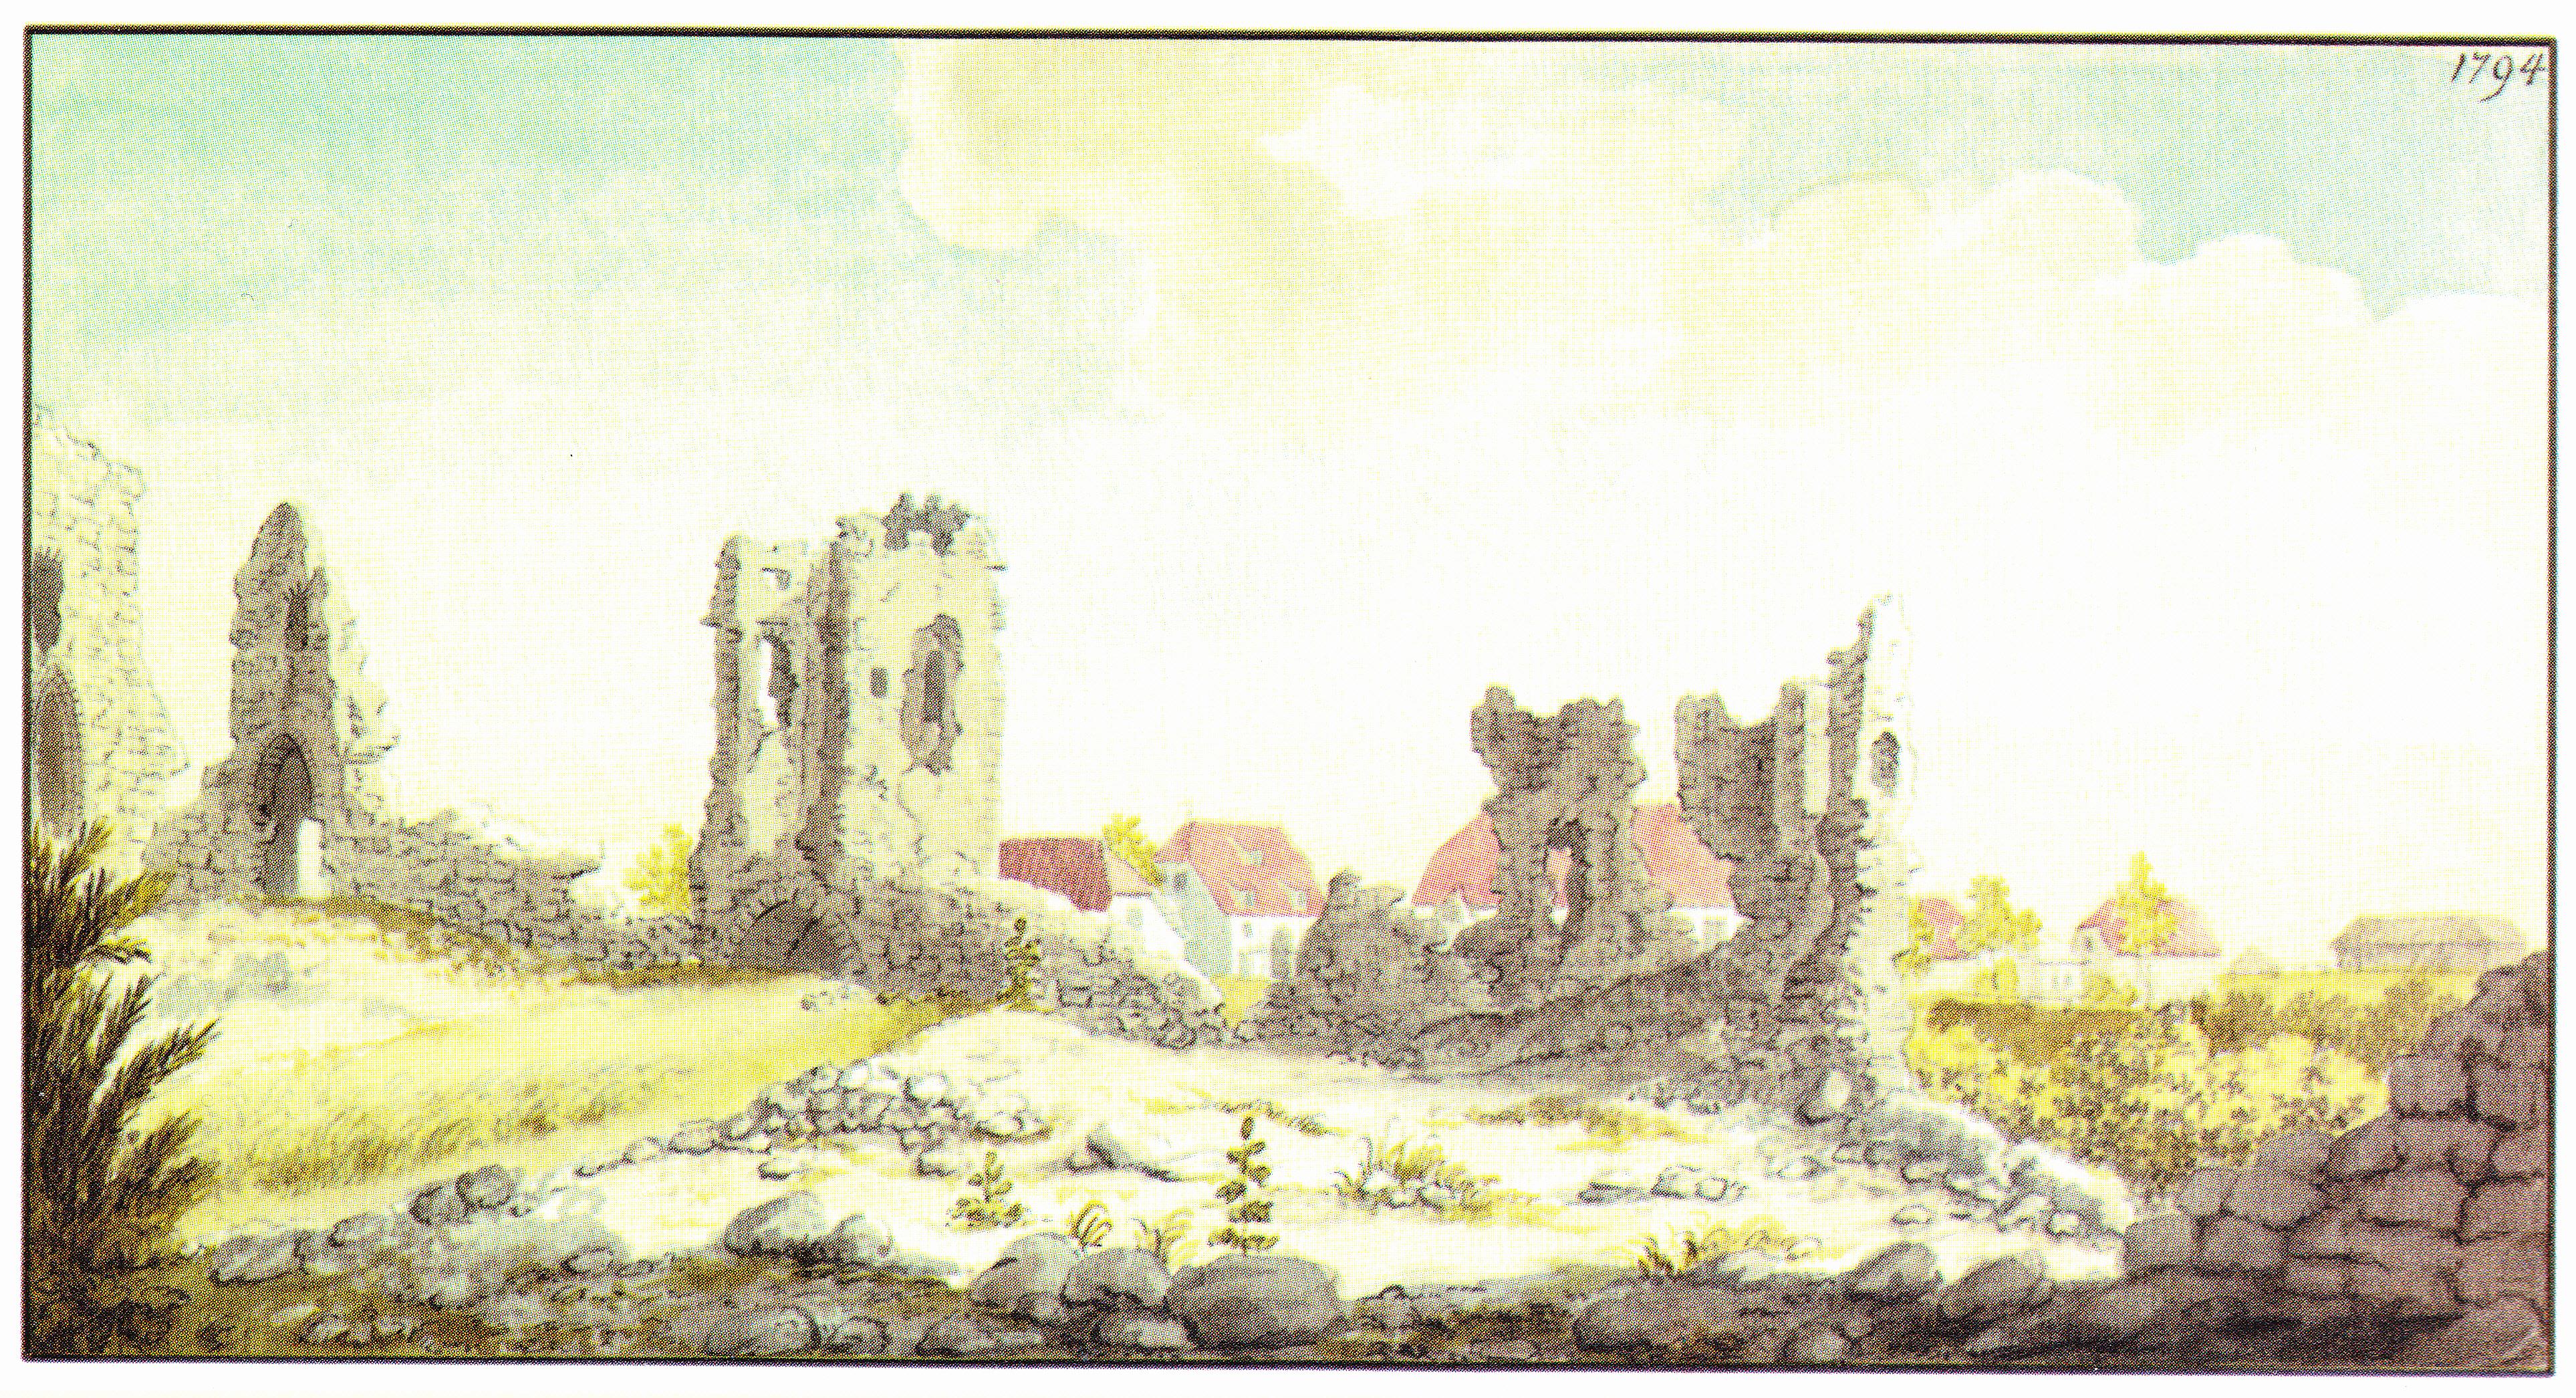 Развалины Сигулдского замка. Рисунок И.К. Броце, 1794 год.